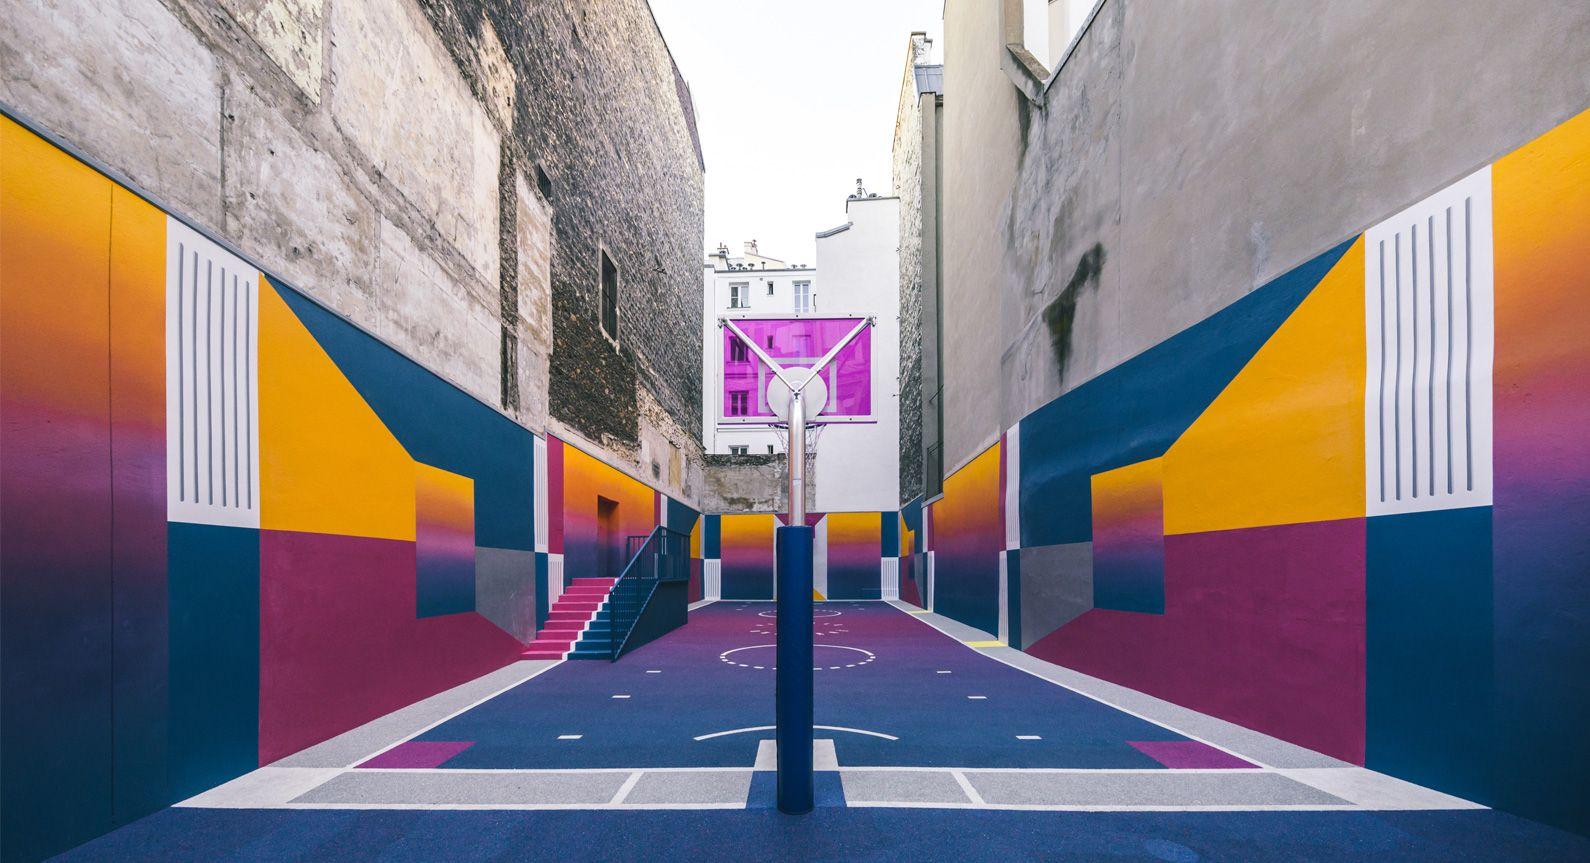 Sol Terrain De Basket paris' pigalle basketball court receives a spectacular